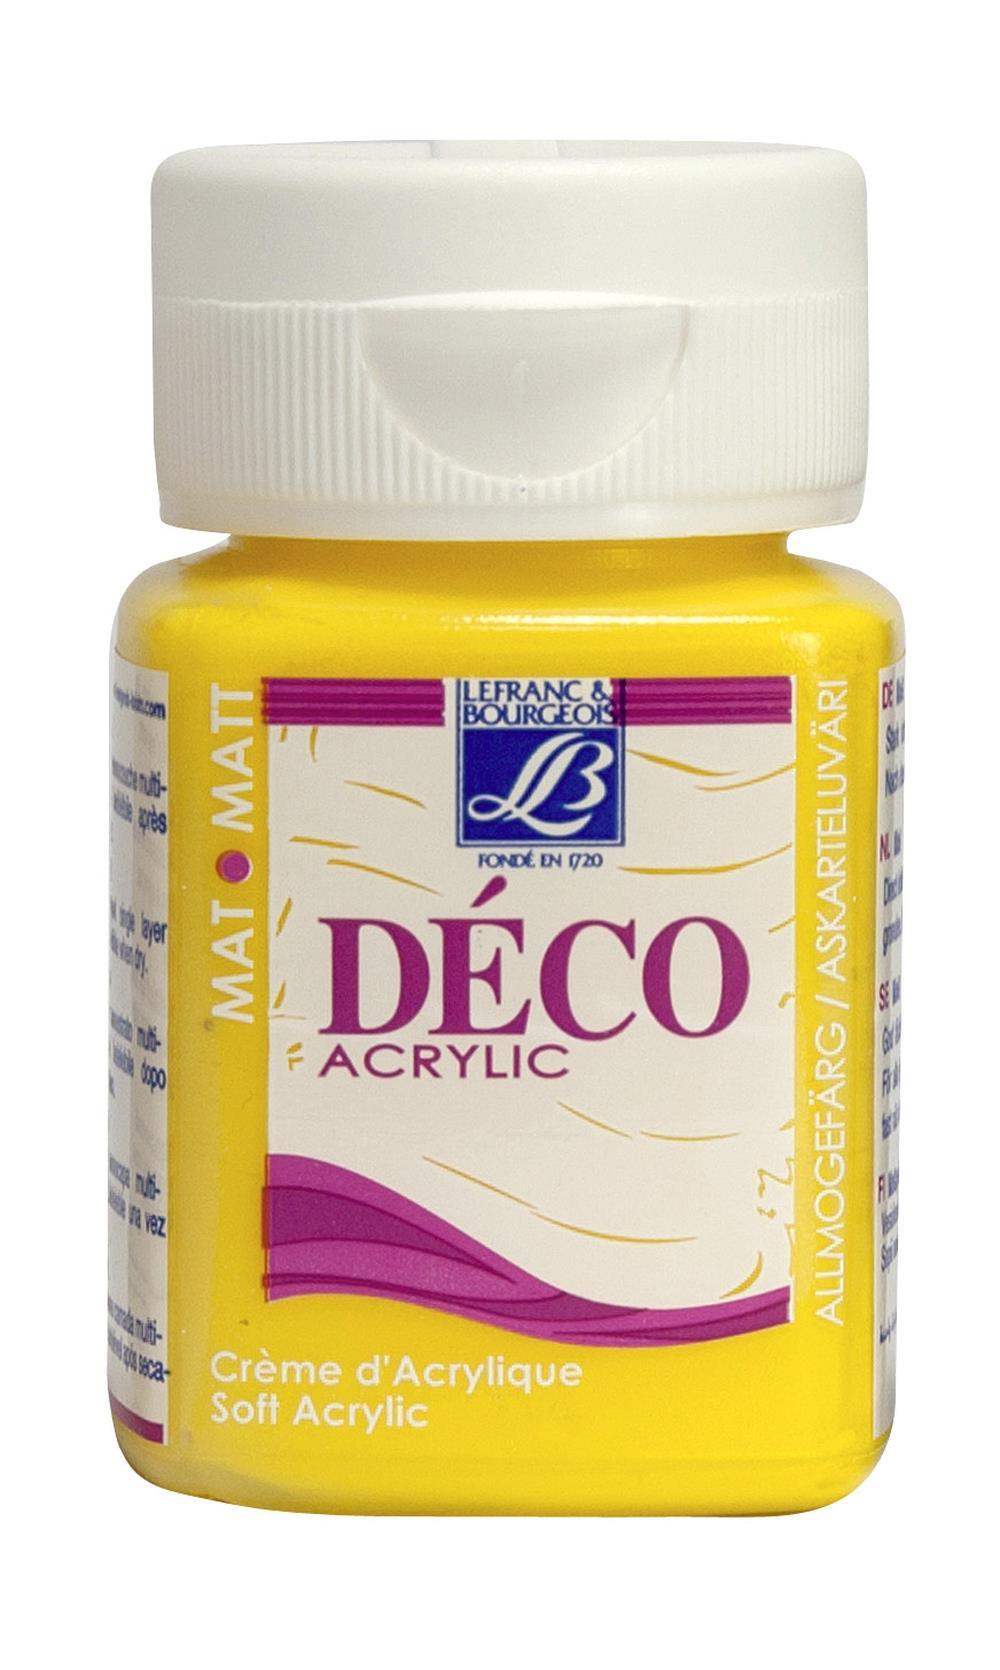 Hobbyfärg L&B Deco Matt Akryl 50ml Daffodil intensive 172 (4F) Utgår